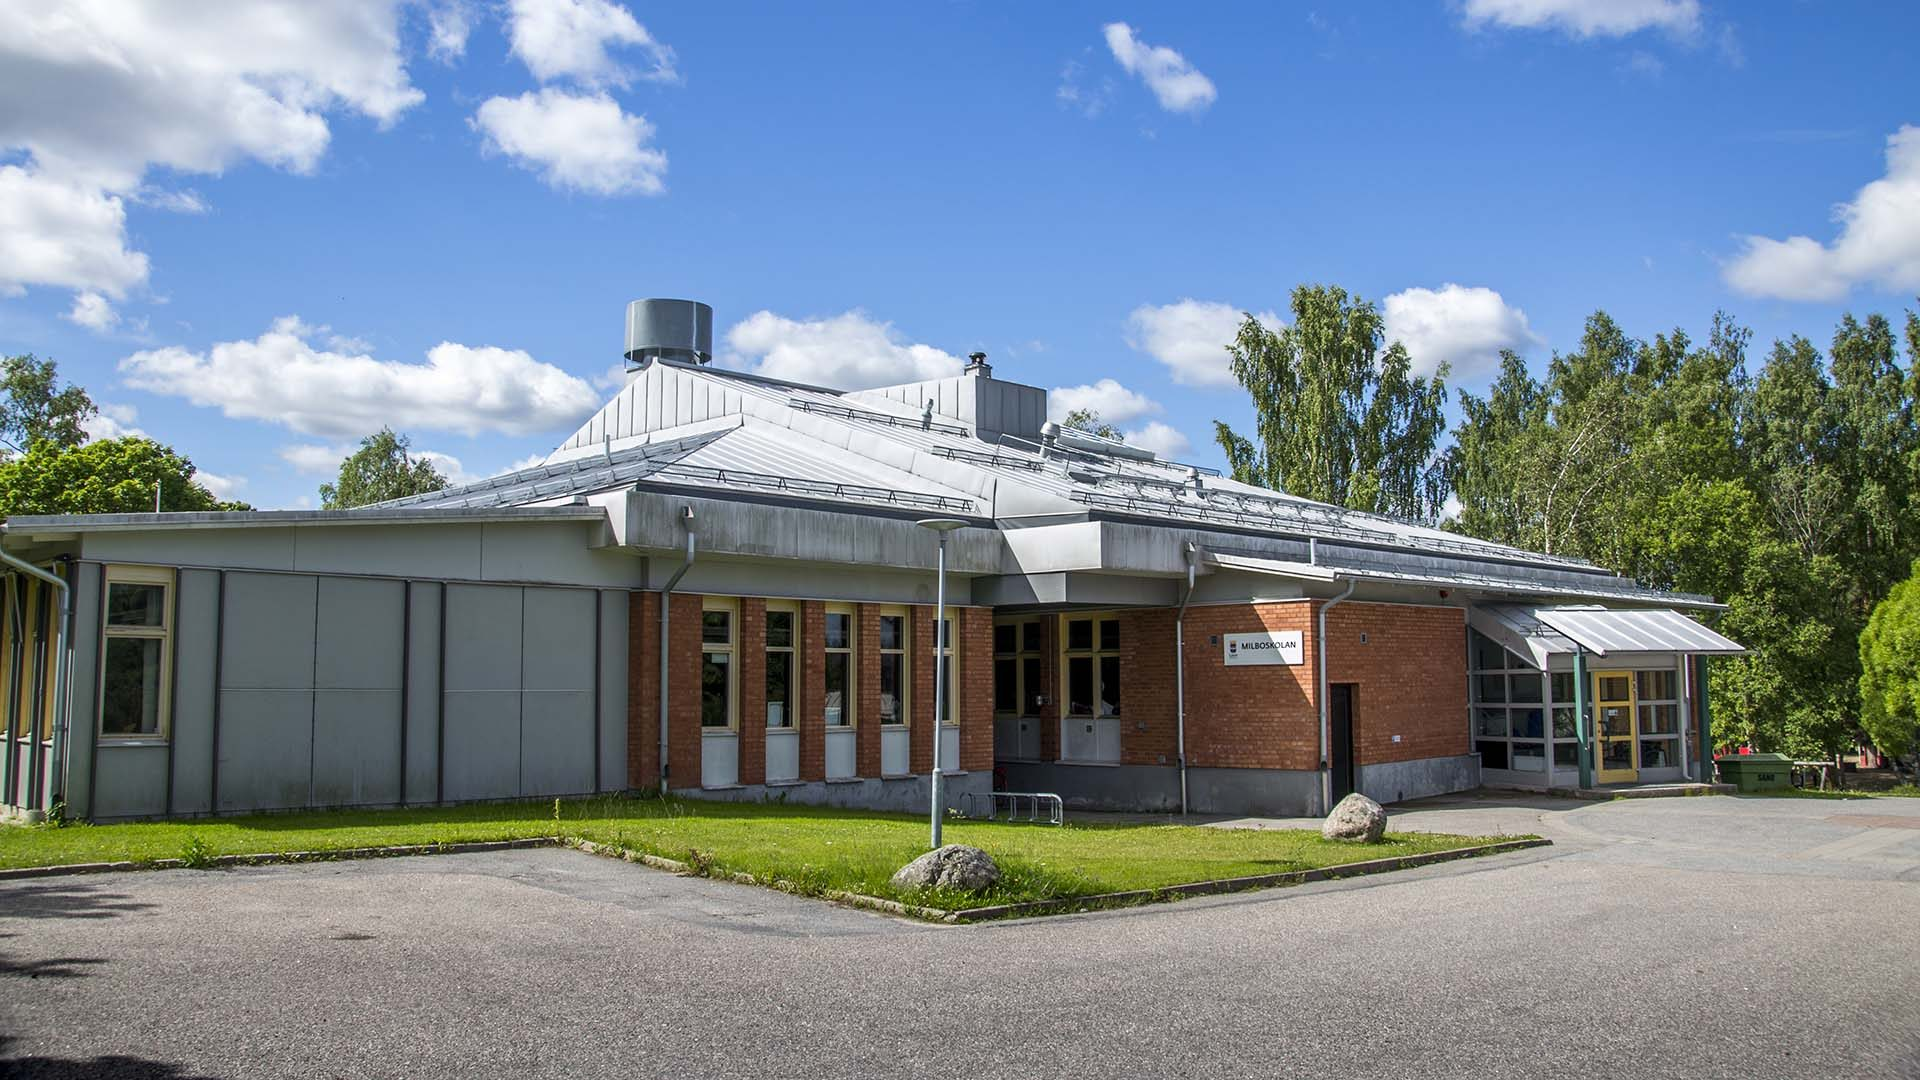 Milboskolan från utsidan